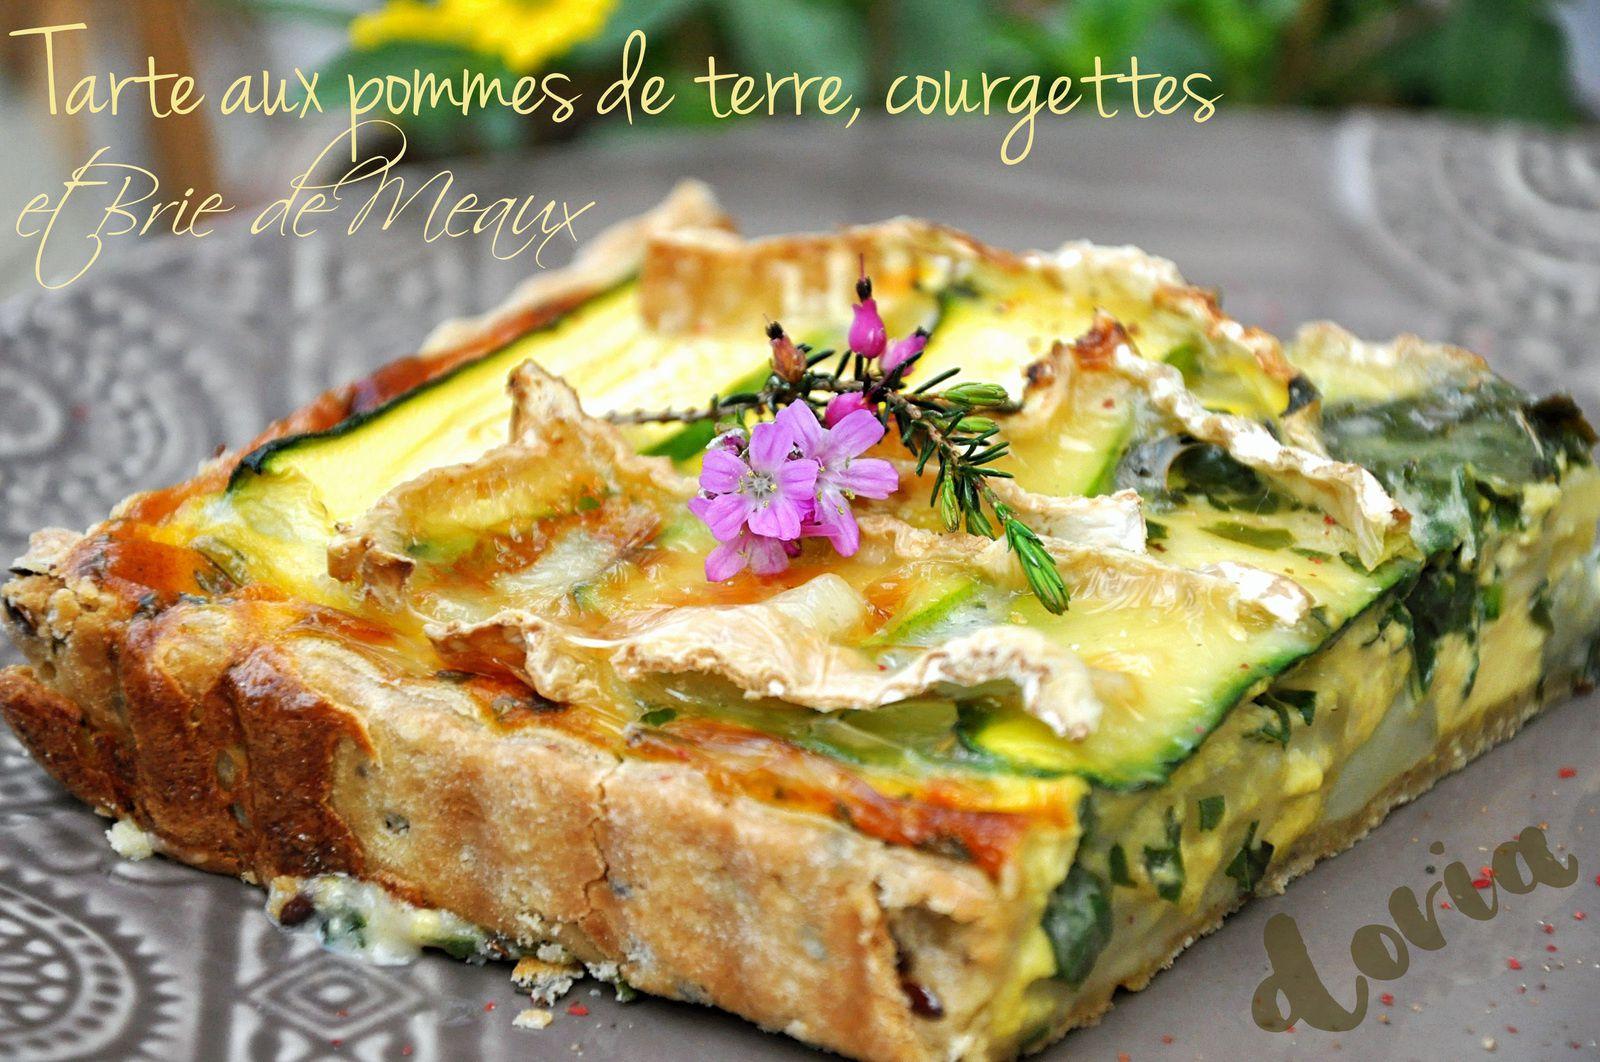 Tarte aux pommes de terre, courgettes et Brie de Meaux